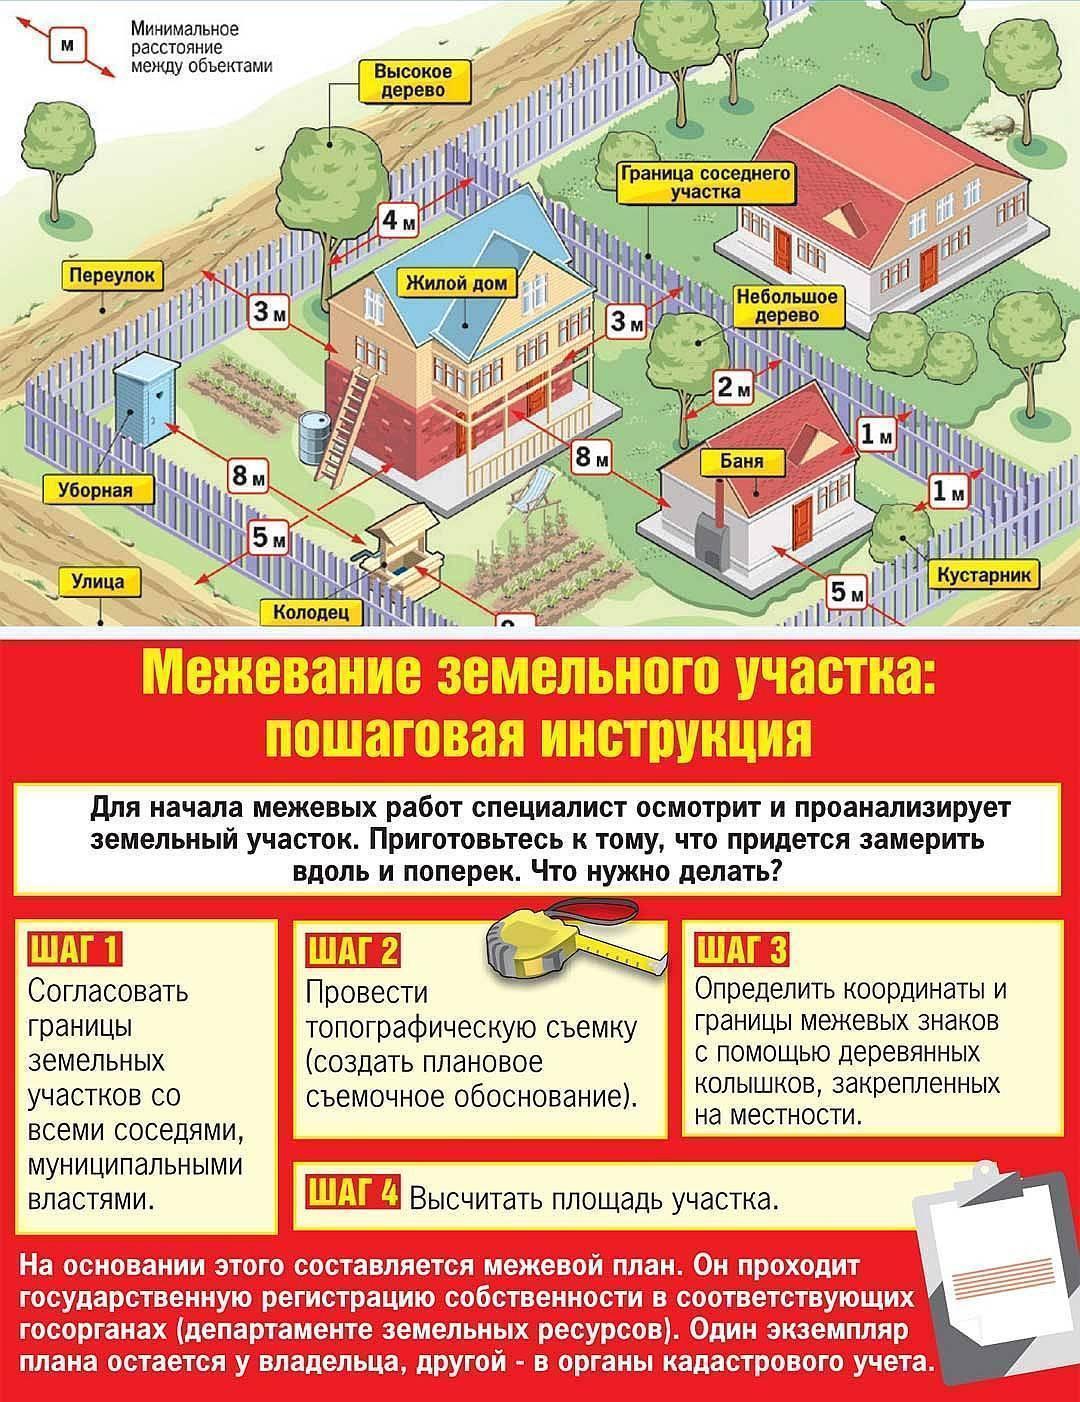 Инструкция: как успеть оформить документы по дачной амнистии